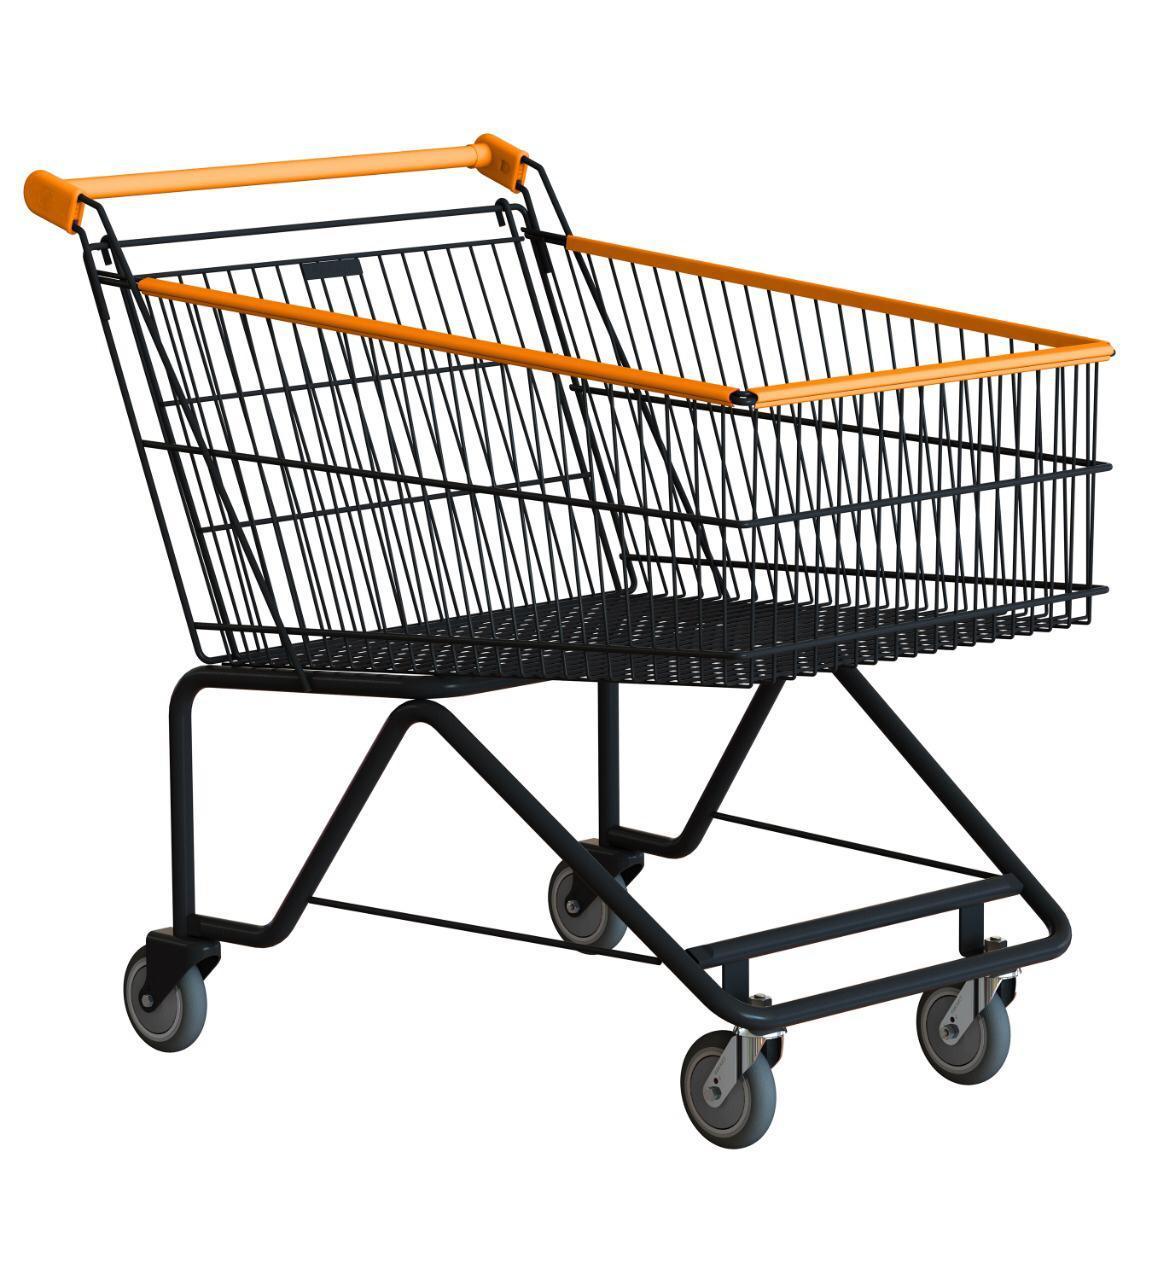 Carrinho de compras ergonômico 70 litros, preto com detalhes coloridos COD 455